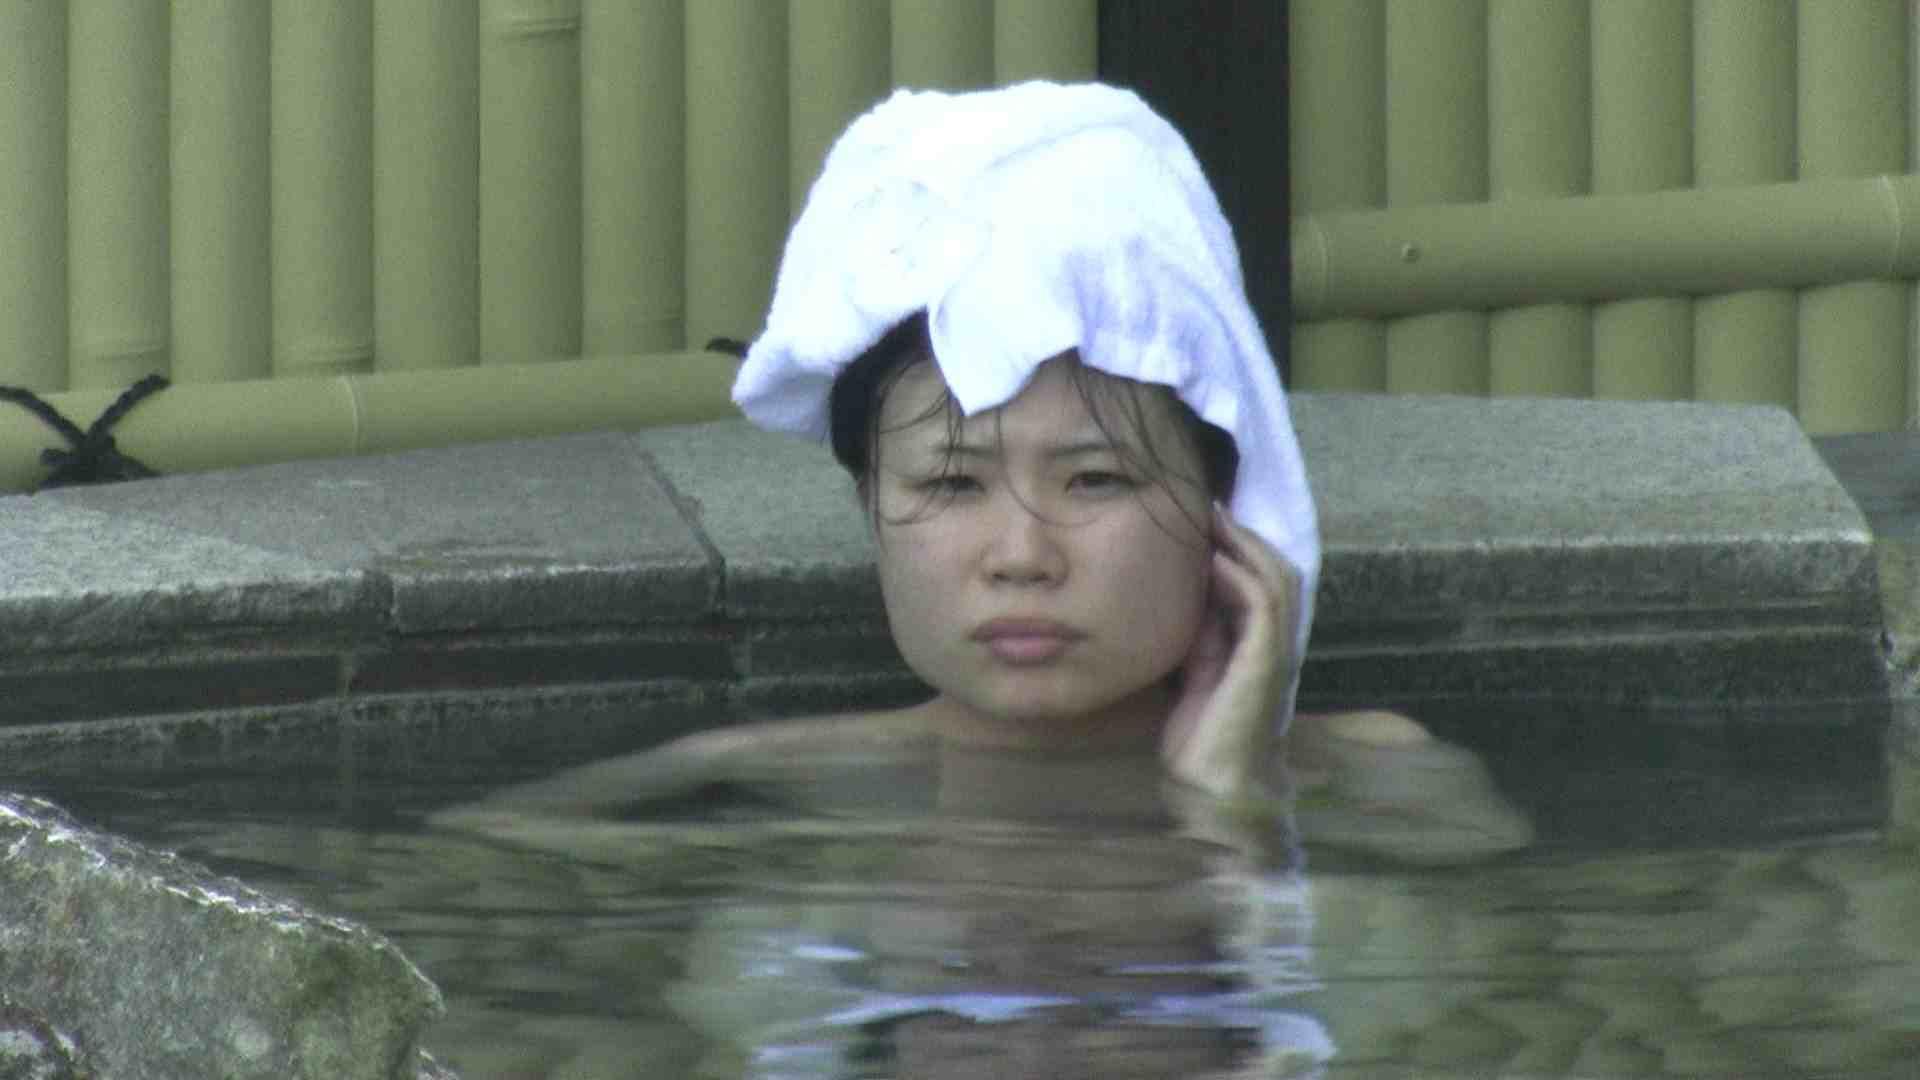 Aquaな露天風呂Vol.183 HなOL 盗撮動画紹介 106pic 82